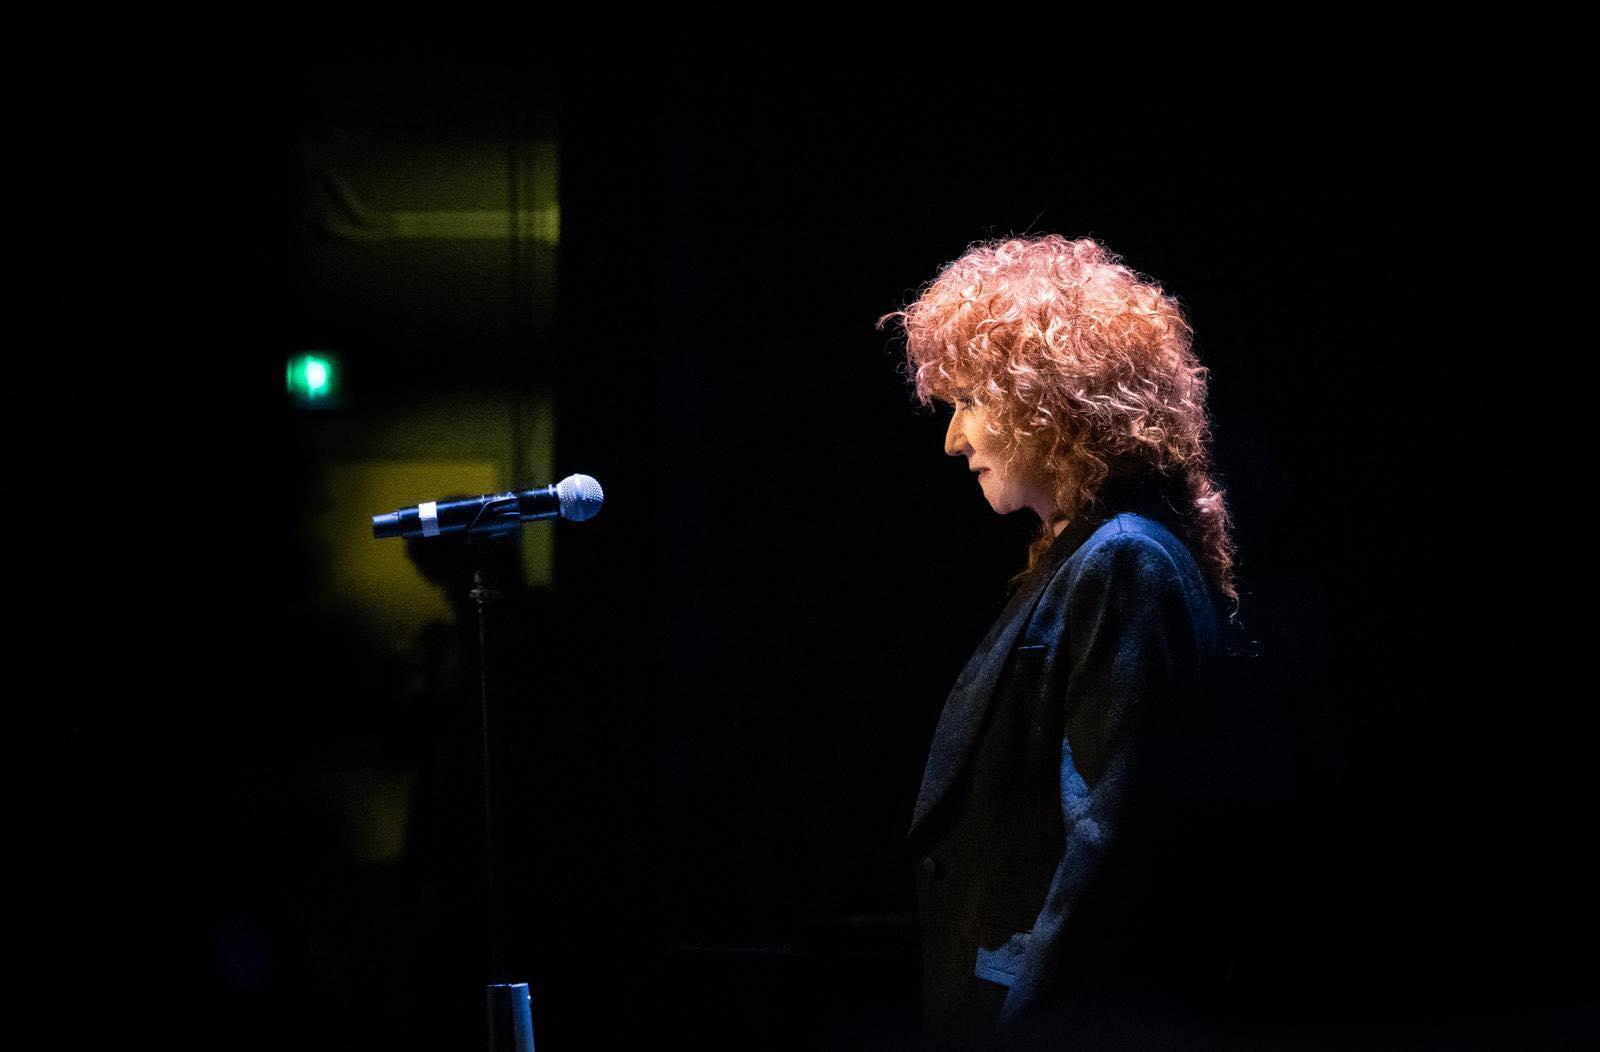 """Musica Italiana, Concerti. Fiorella Mannoia e il suo viaggio: nei teatri ecco la sua """"Personale"""" musica"""